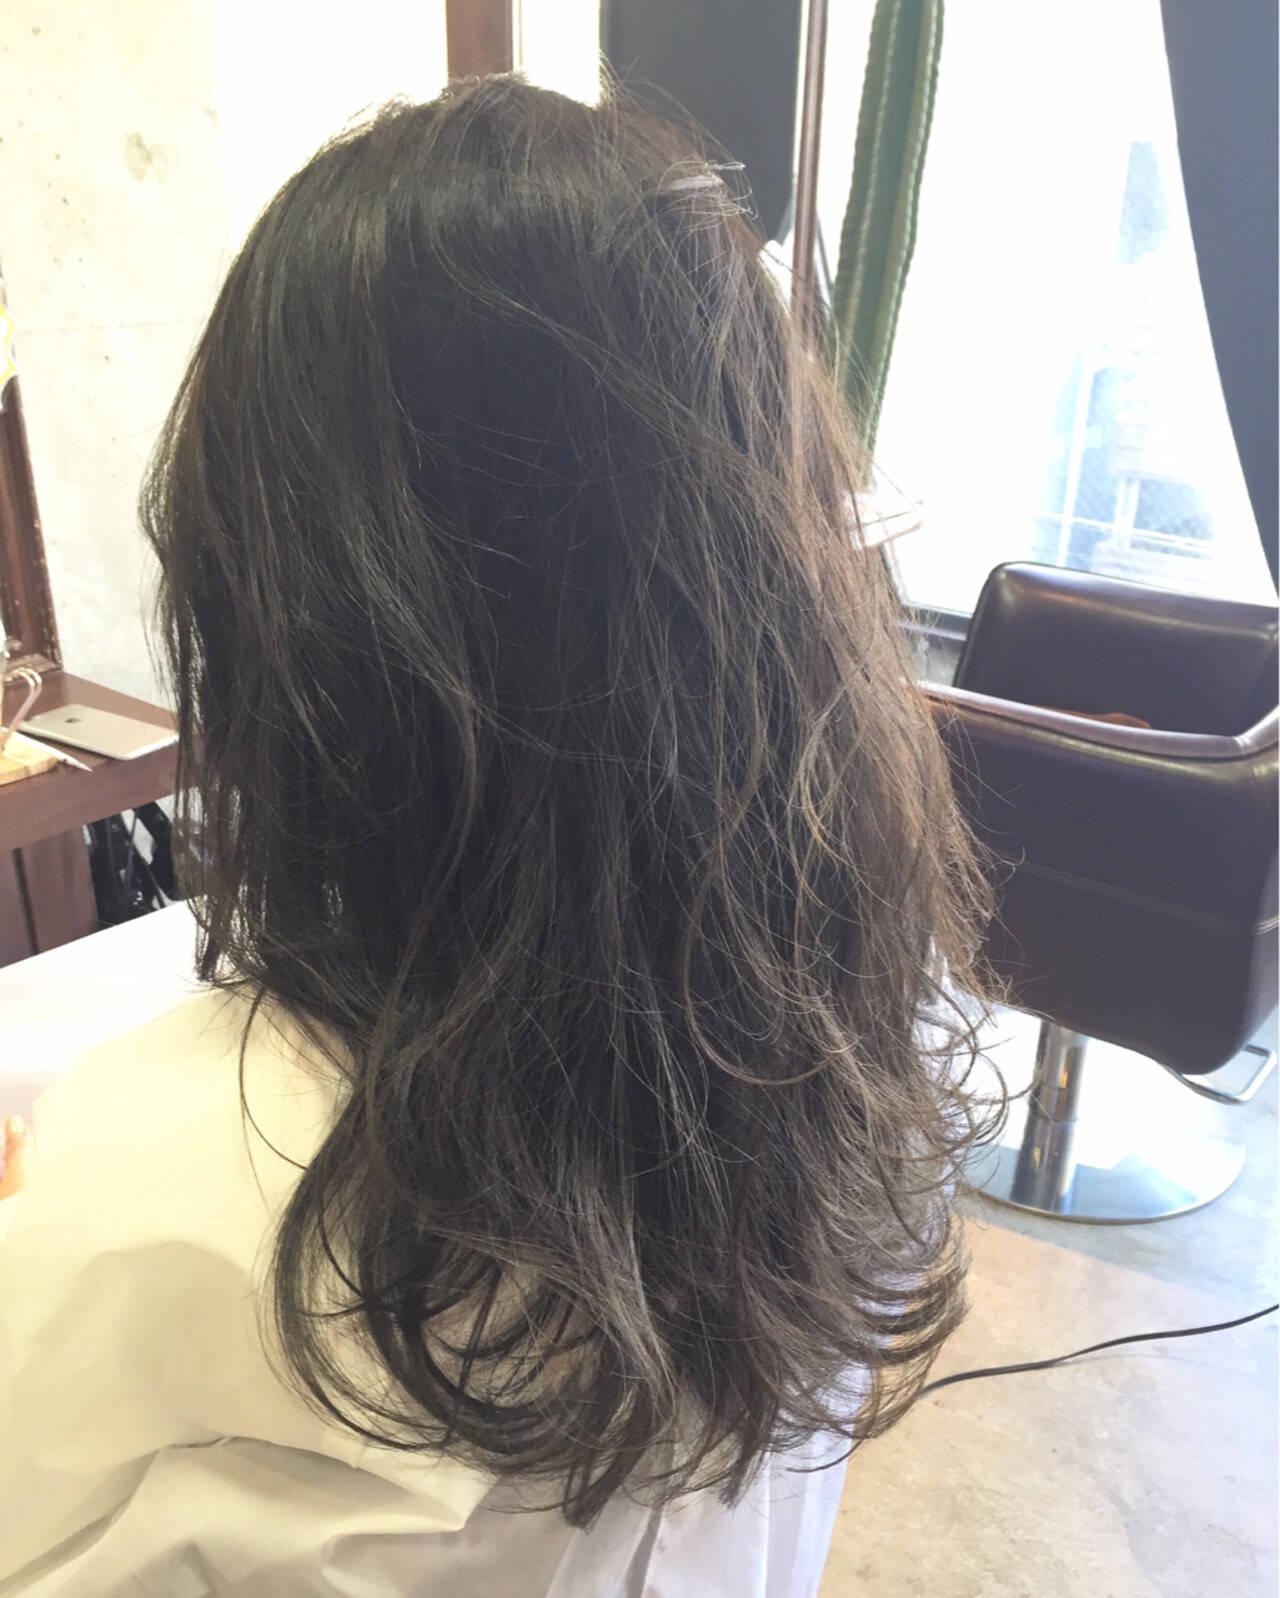 ゆるふわ 外国人風 ナチュラル 暗髪ヘアスタイルや髪型の写真・画像